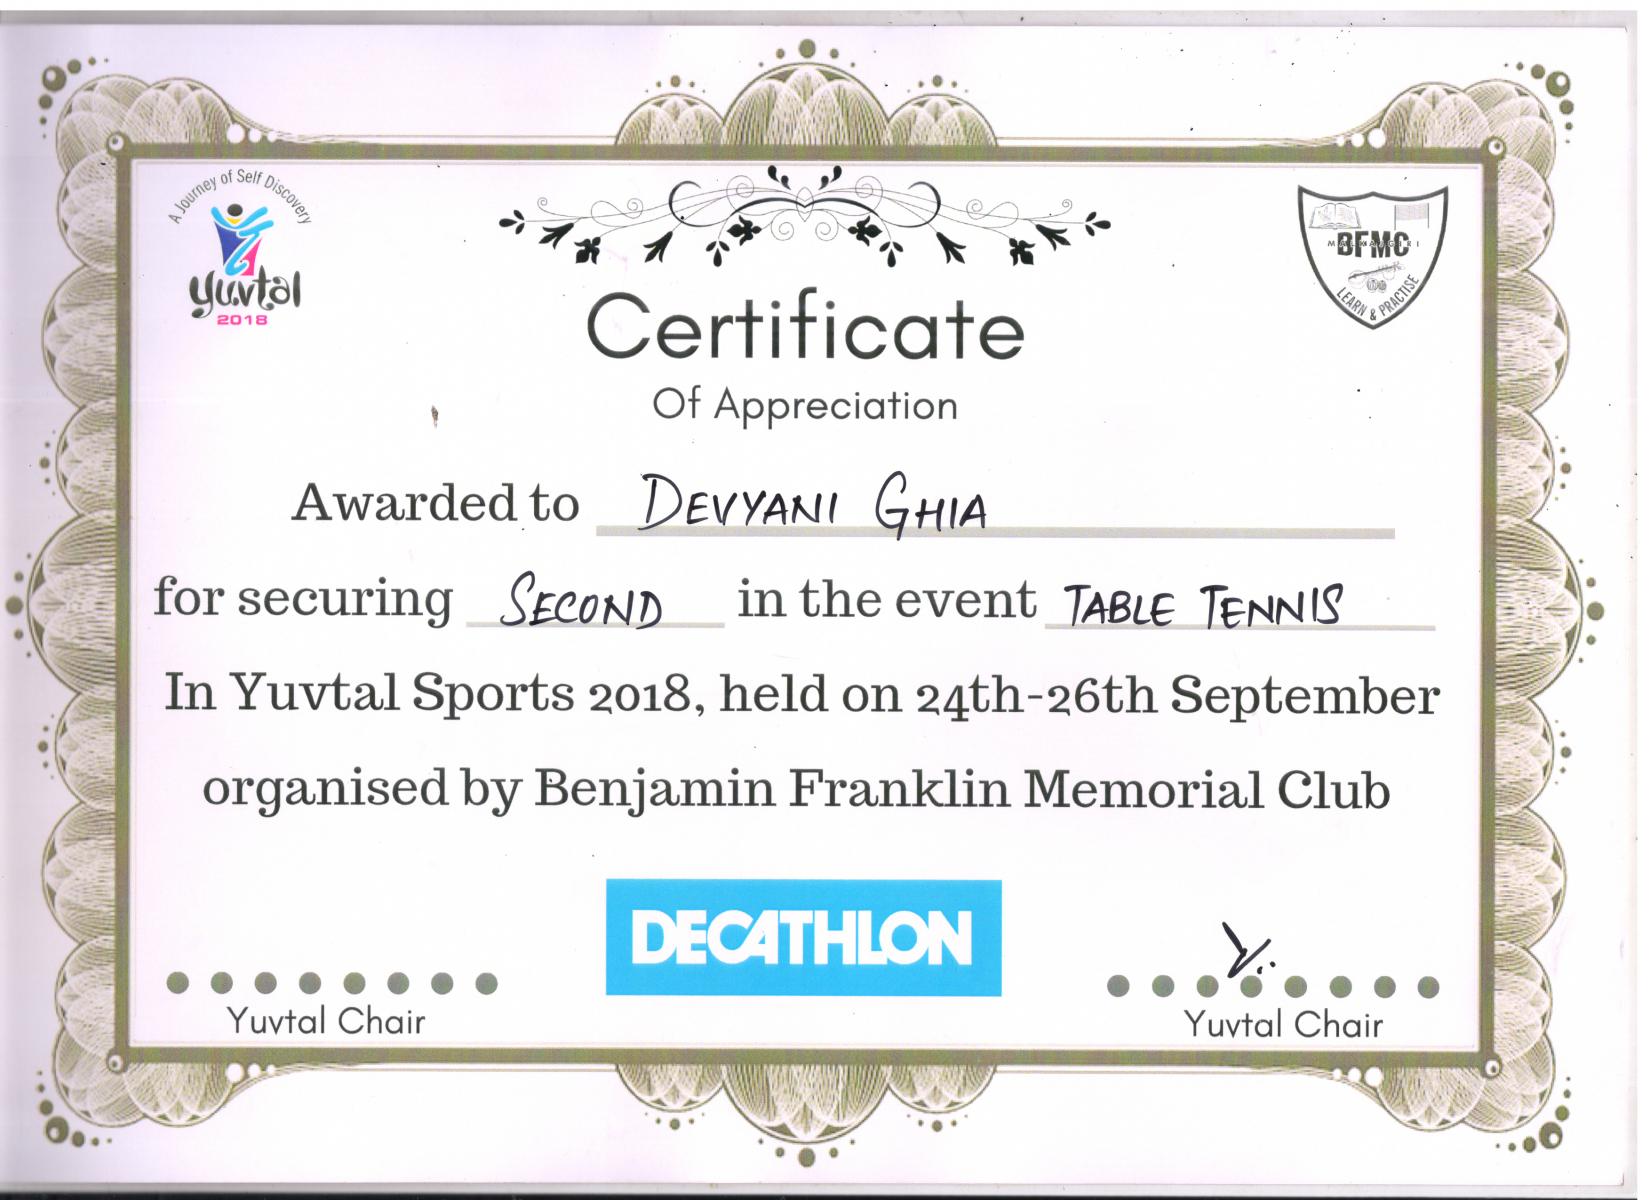 congratulatios    ms devyani ghai